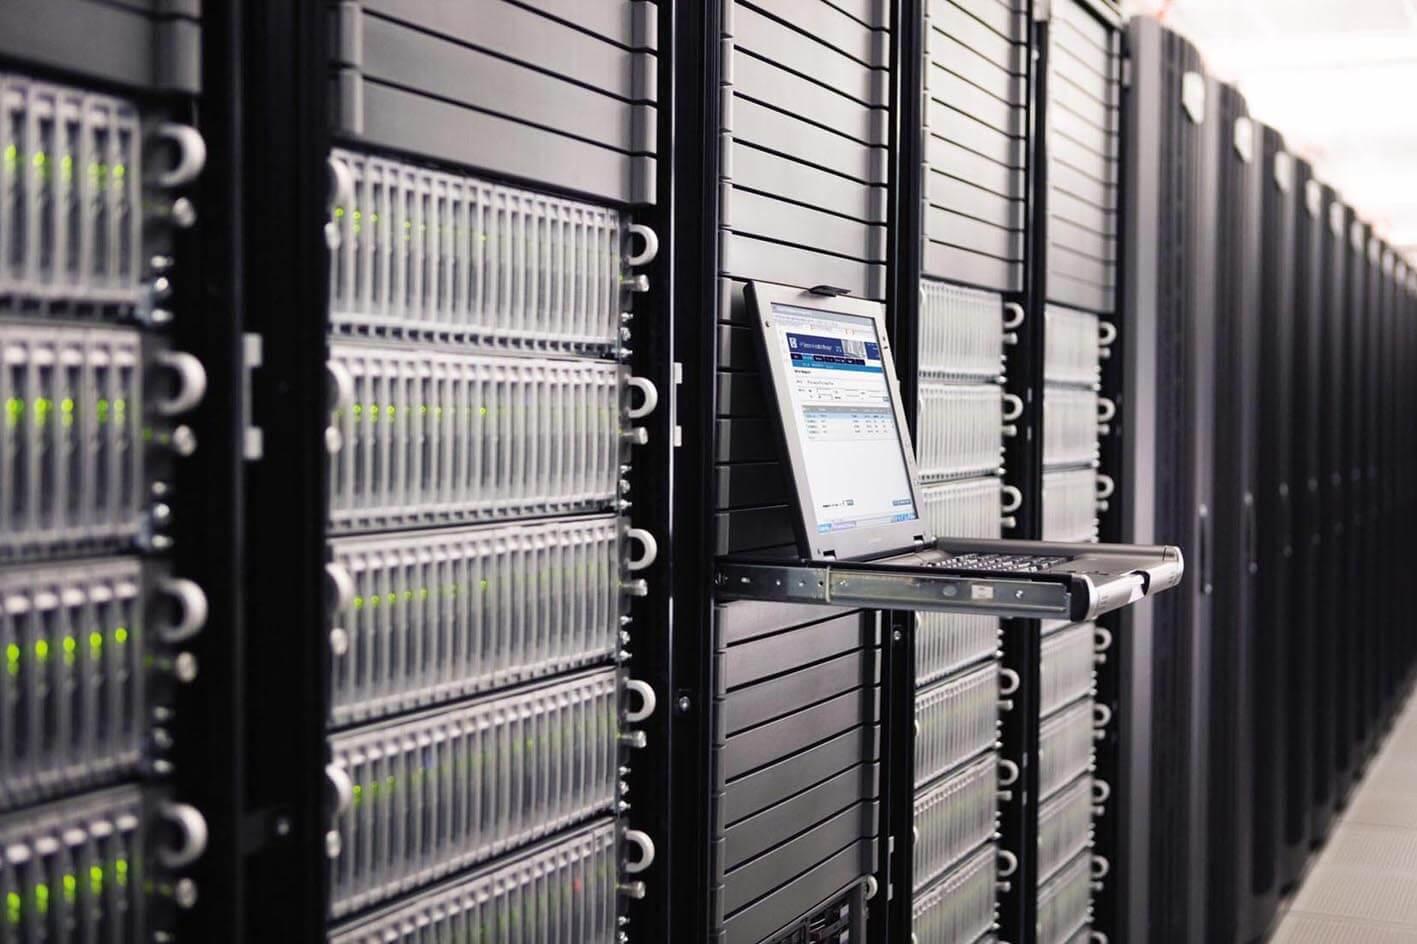 Качественный хостинг выделенных серверов по низким ценам